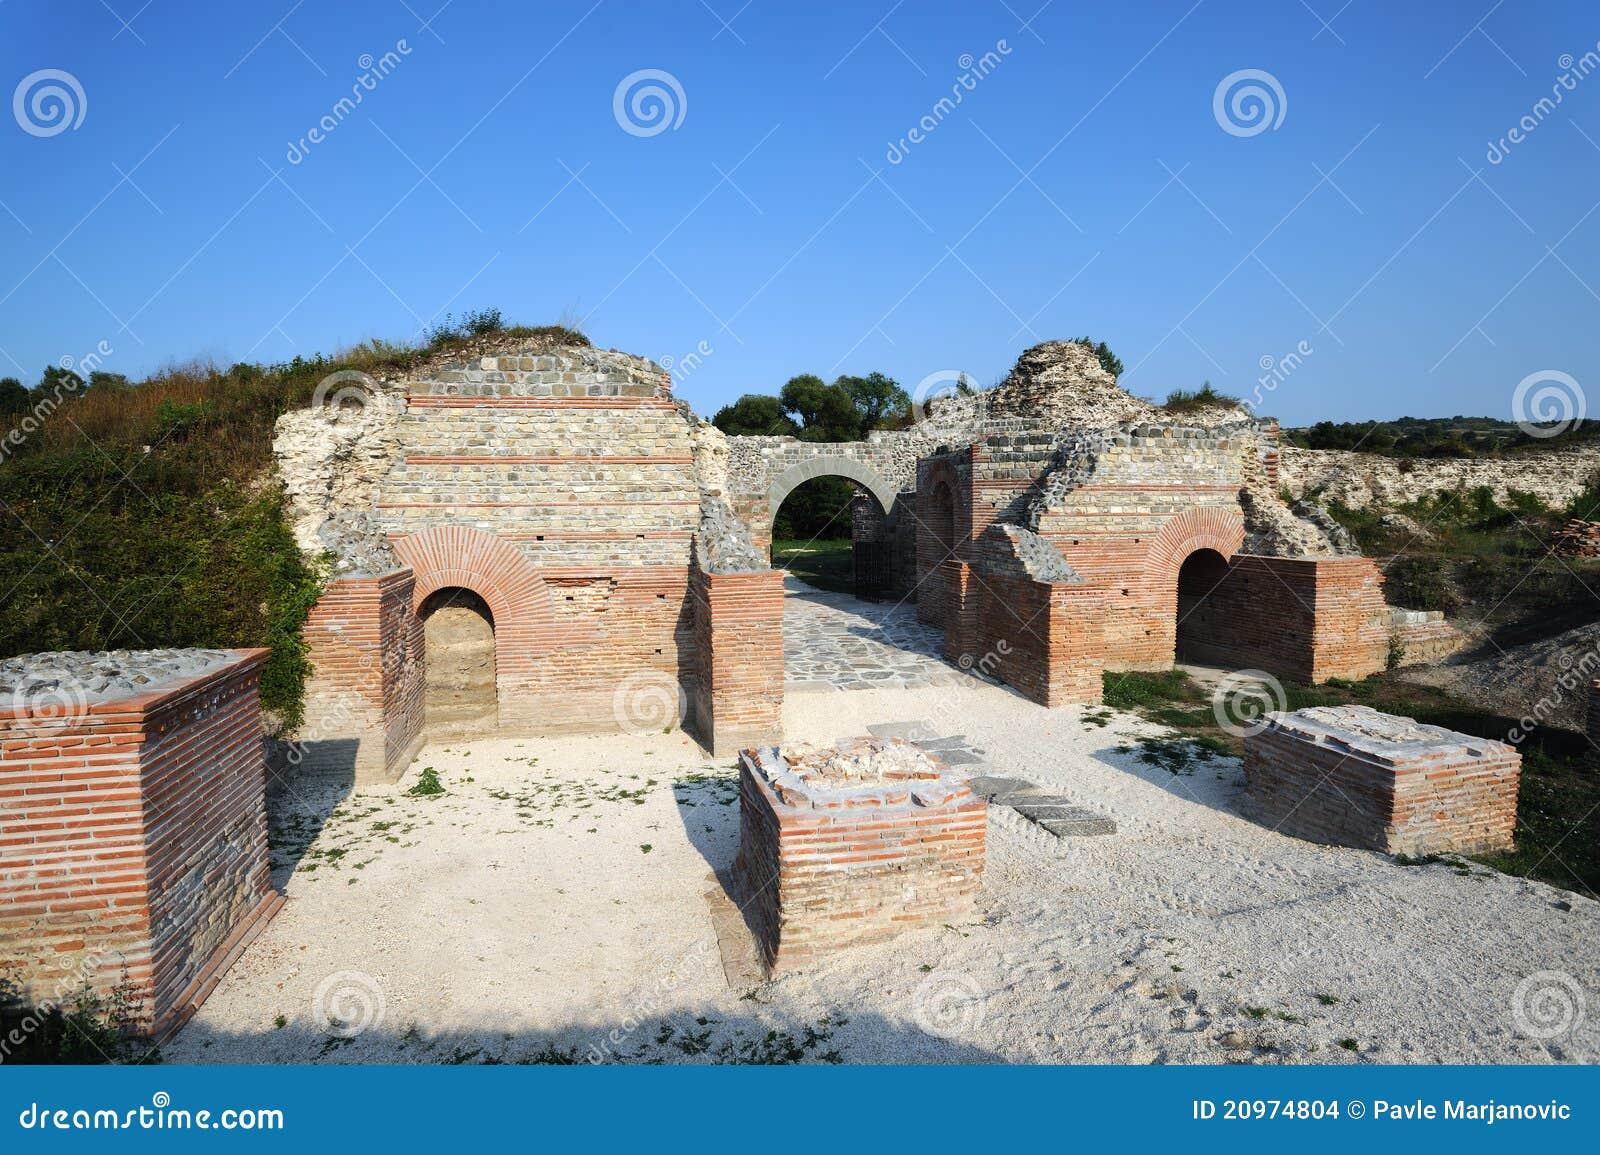 Αρχαία ρωμαϊκή περιοχή Felix Romuliana